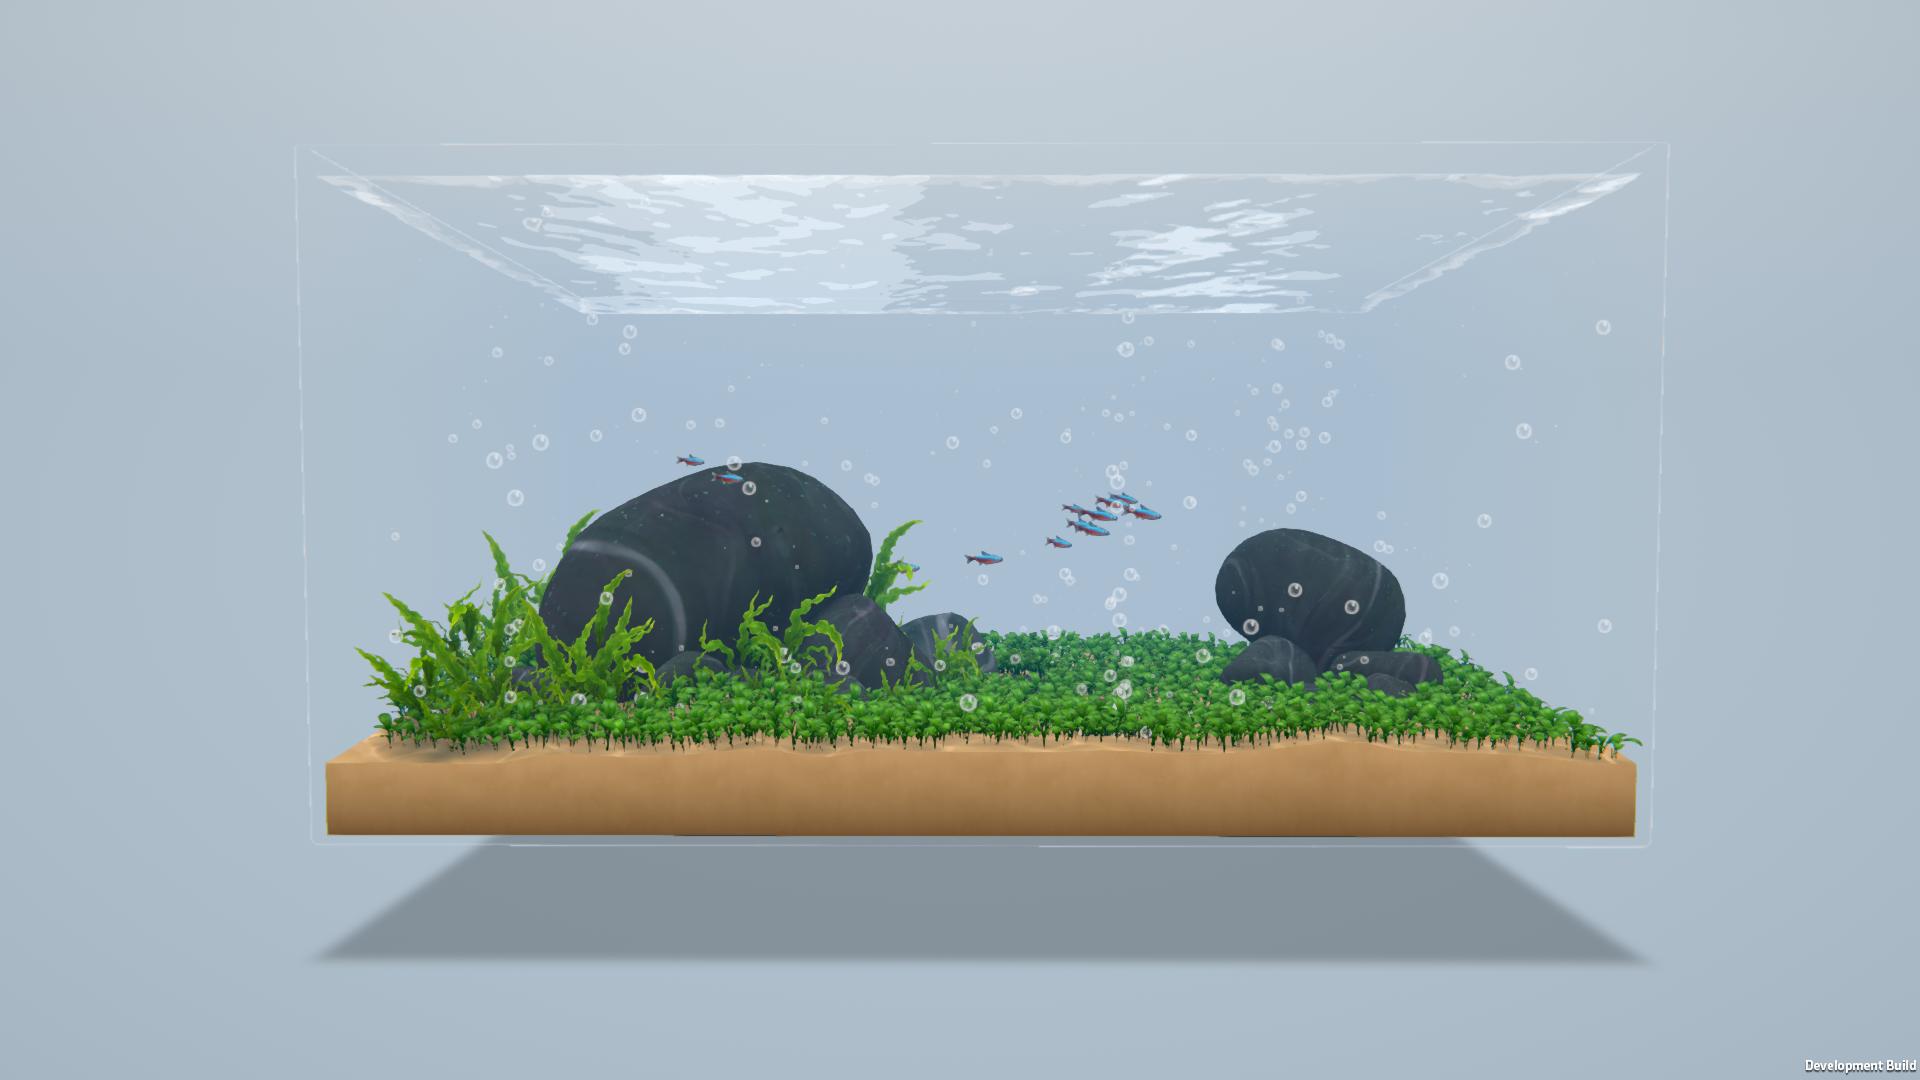 fishery_screenshot_en_04.png